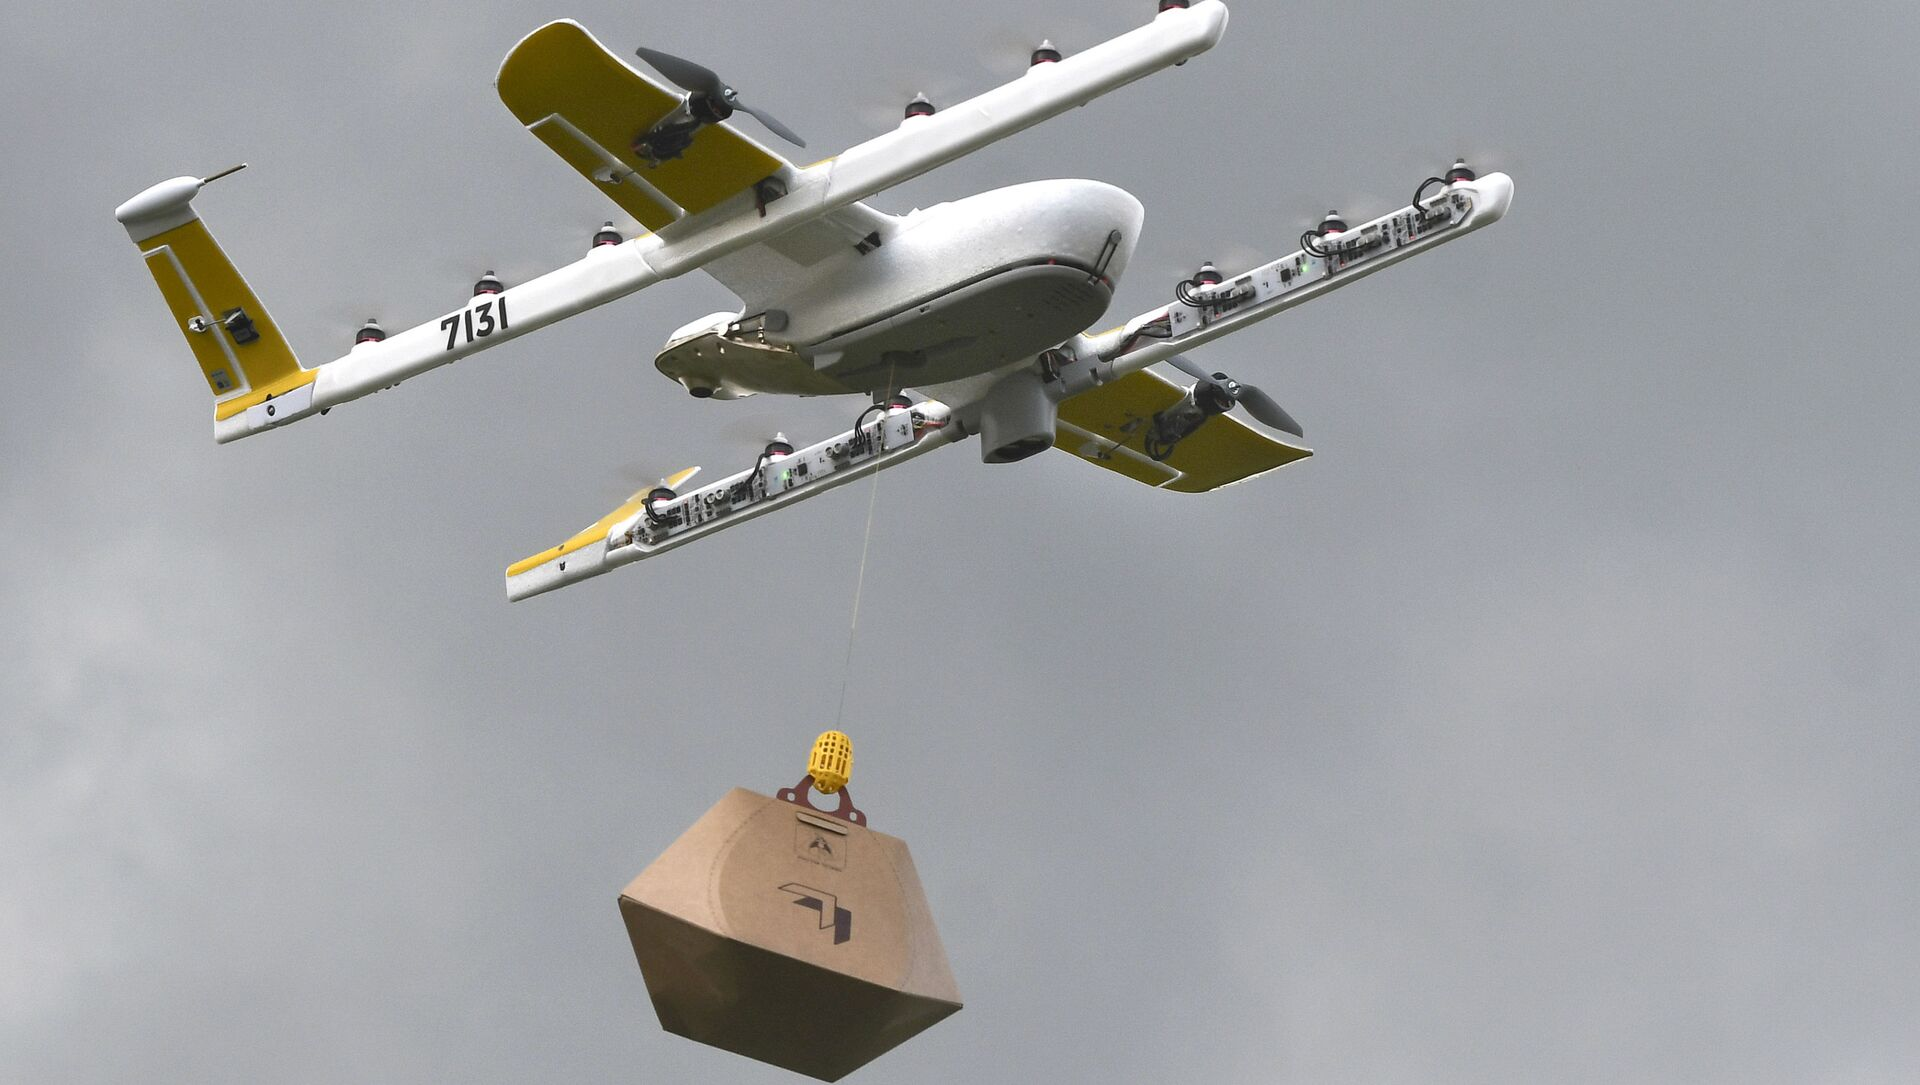 Дрон во время демонстрации возможностей по доставке, штат Вашингтон - Sputnik 日本, 1920, 07.10.2021